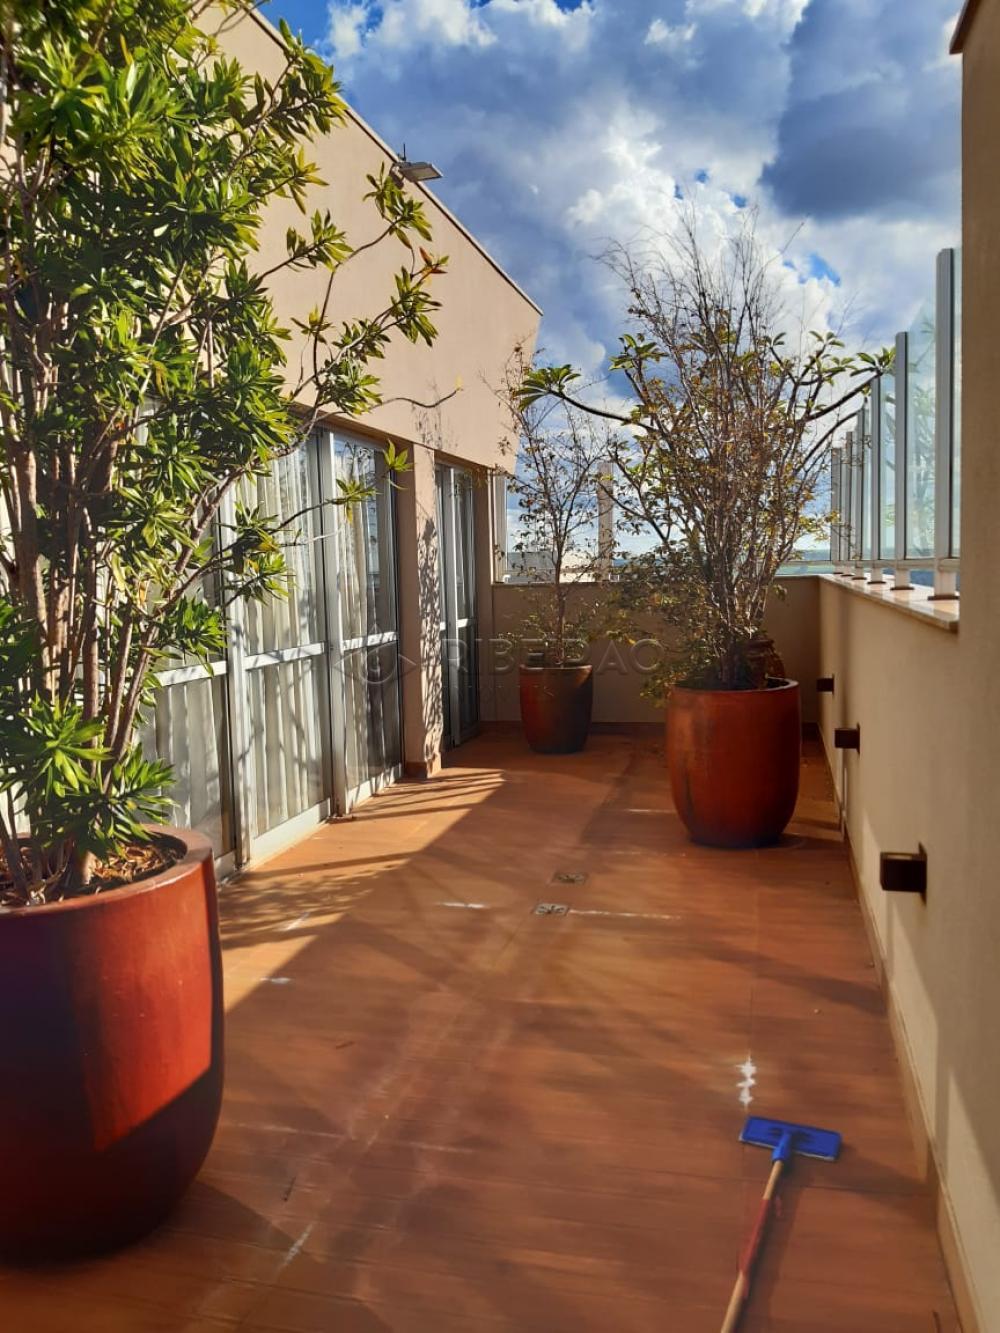 Comprar Apartamento / Cobertura em Ribeirão Preto R$ 1.900.000,00 - Foto 20